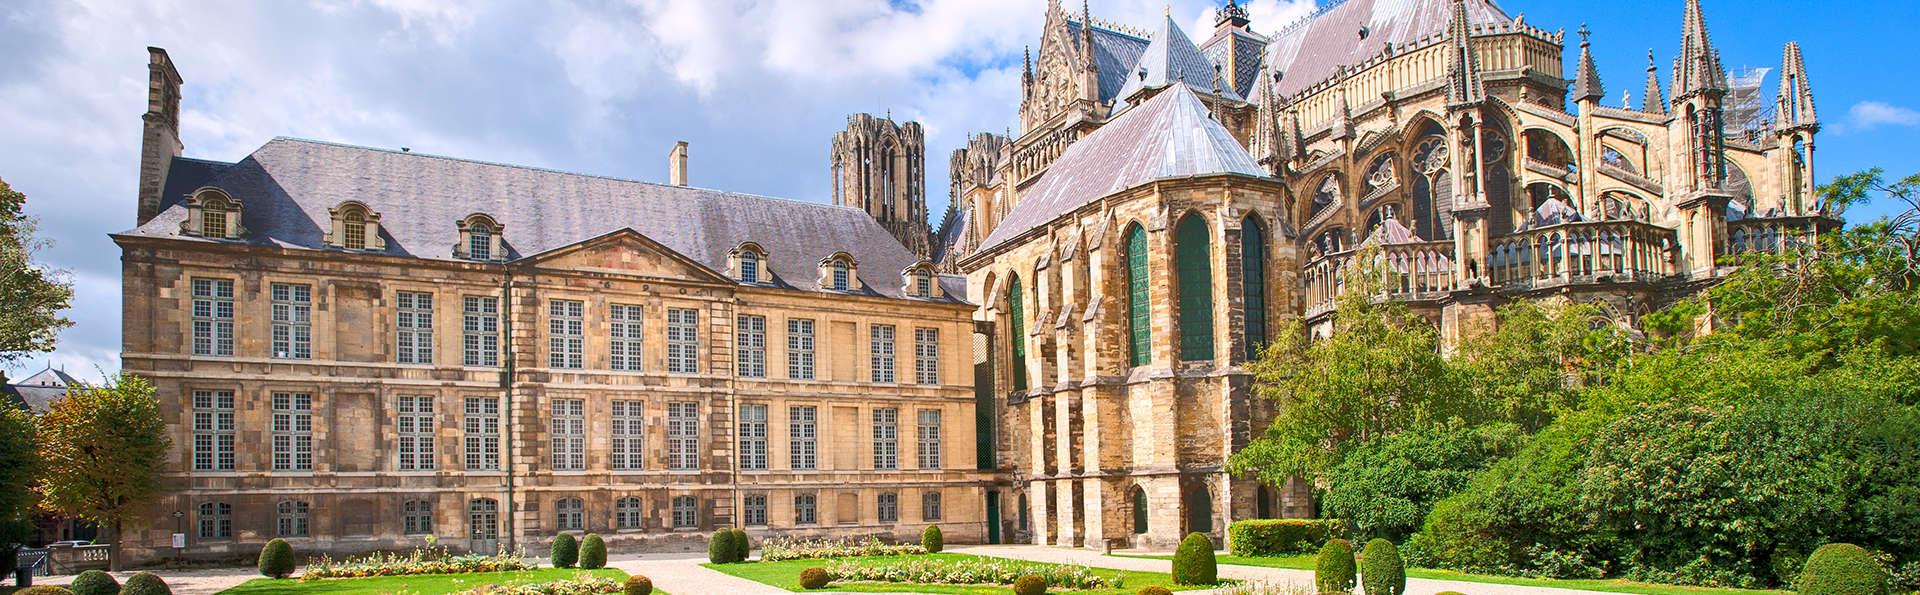 Reims : Top 8 des meilleures activités à faire 17